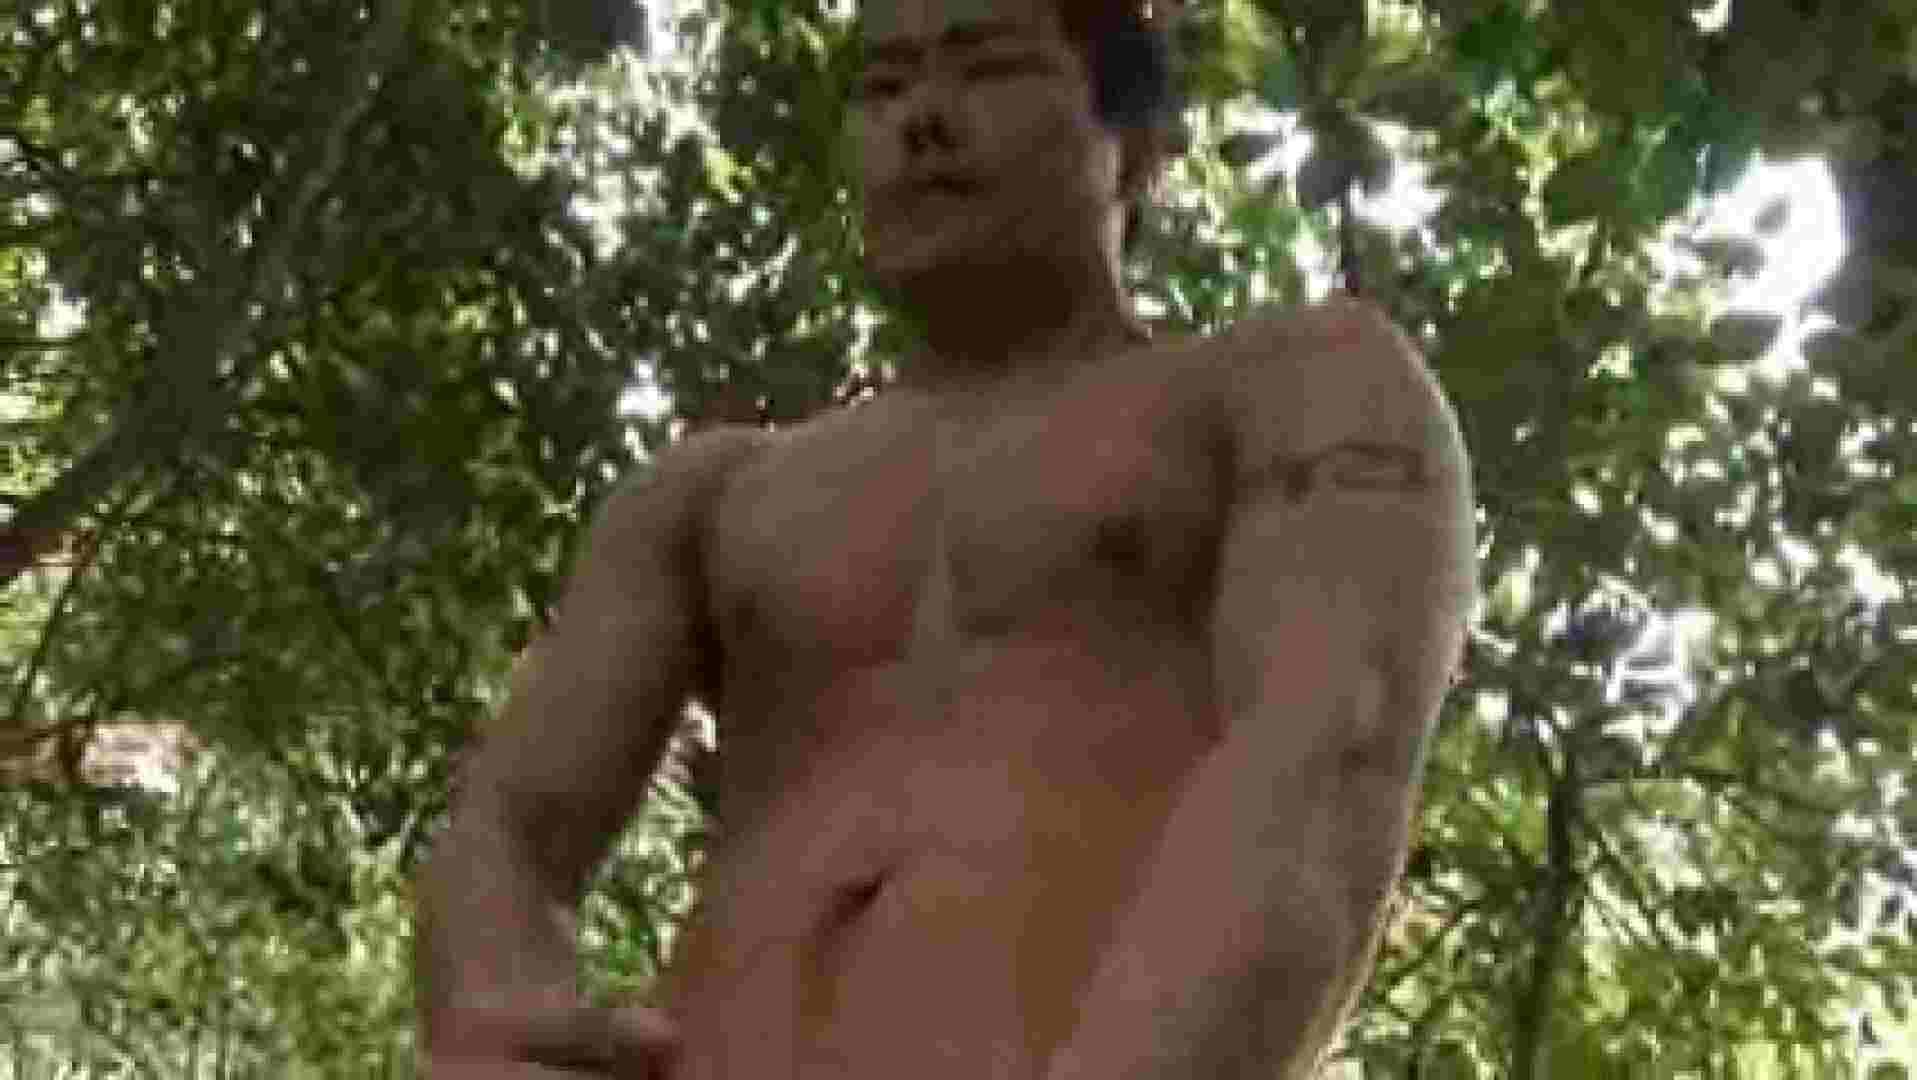 イケメン!!炸裂 Muscle  Stick!! その1 野外 ゲイエロ動画 58pic 55